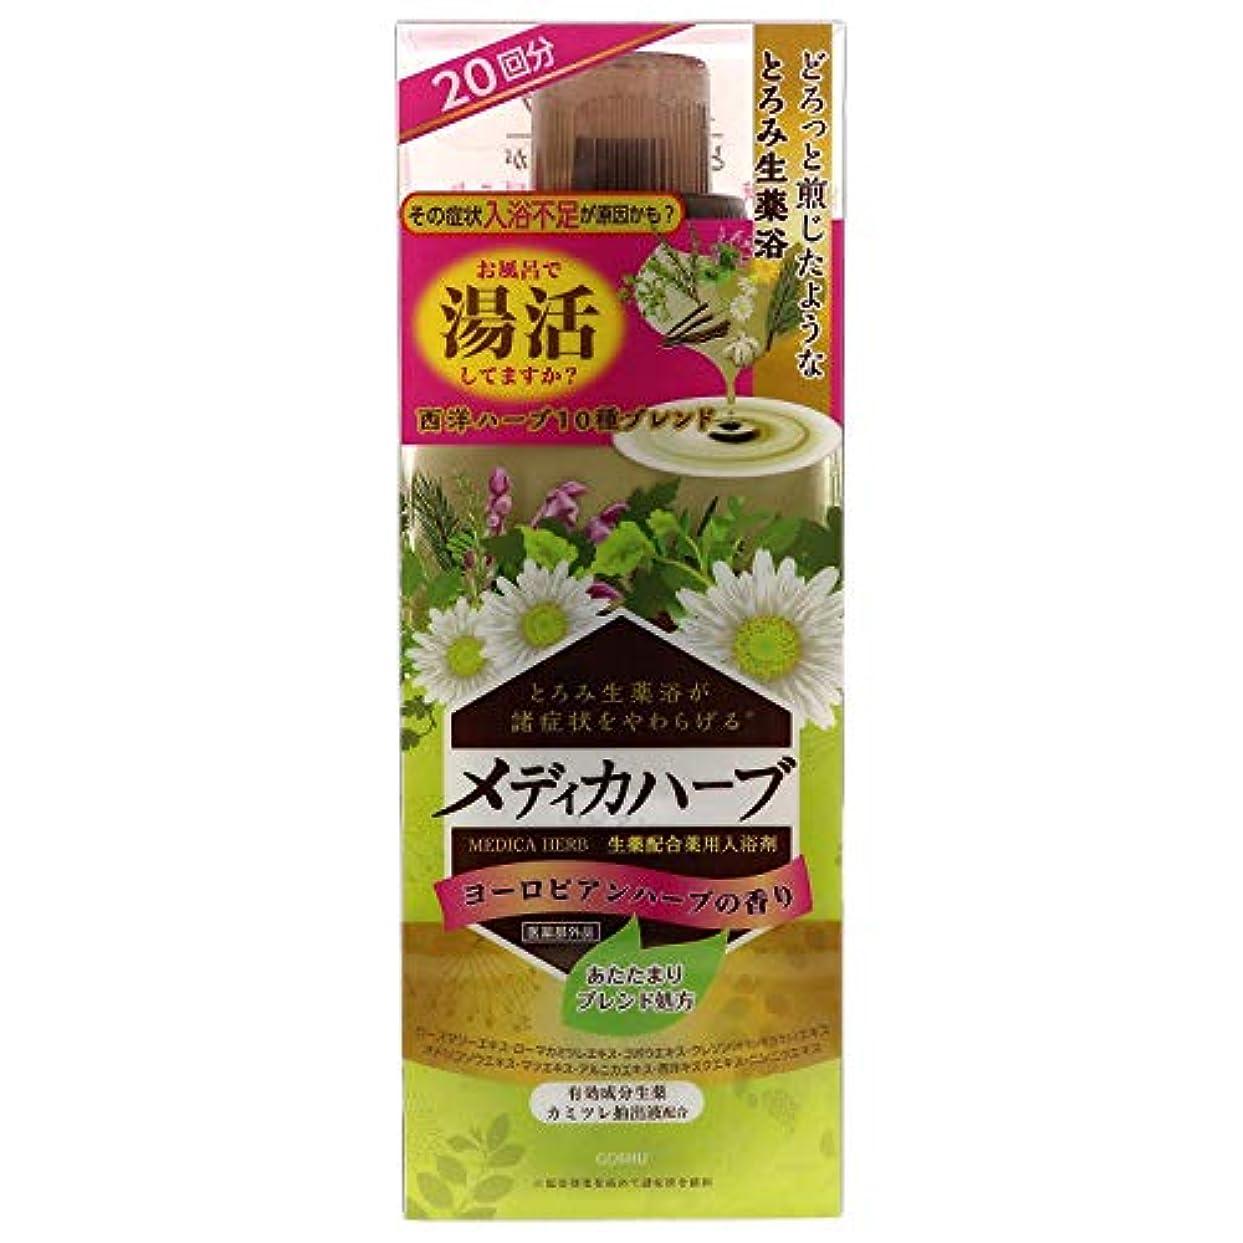 管理者暫定花弁メディカハーブ ヨーロピアンハーブの香り 400ML(20回分) [医薬部外品]